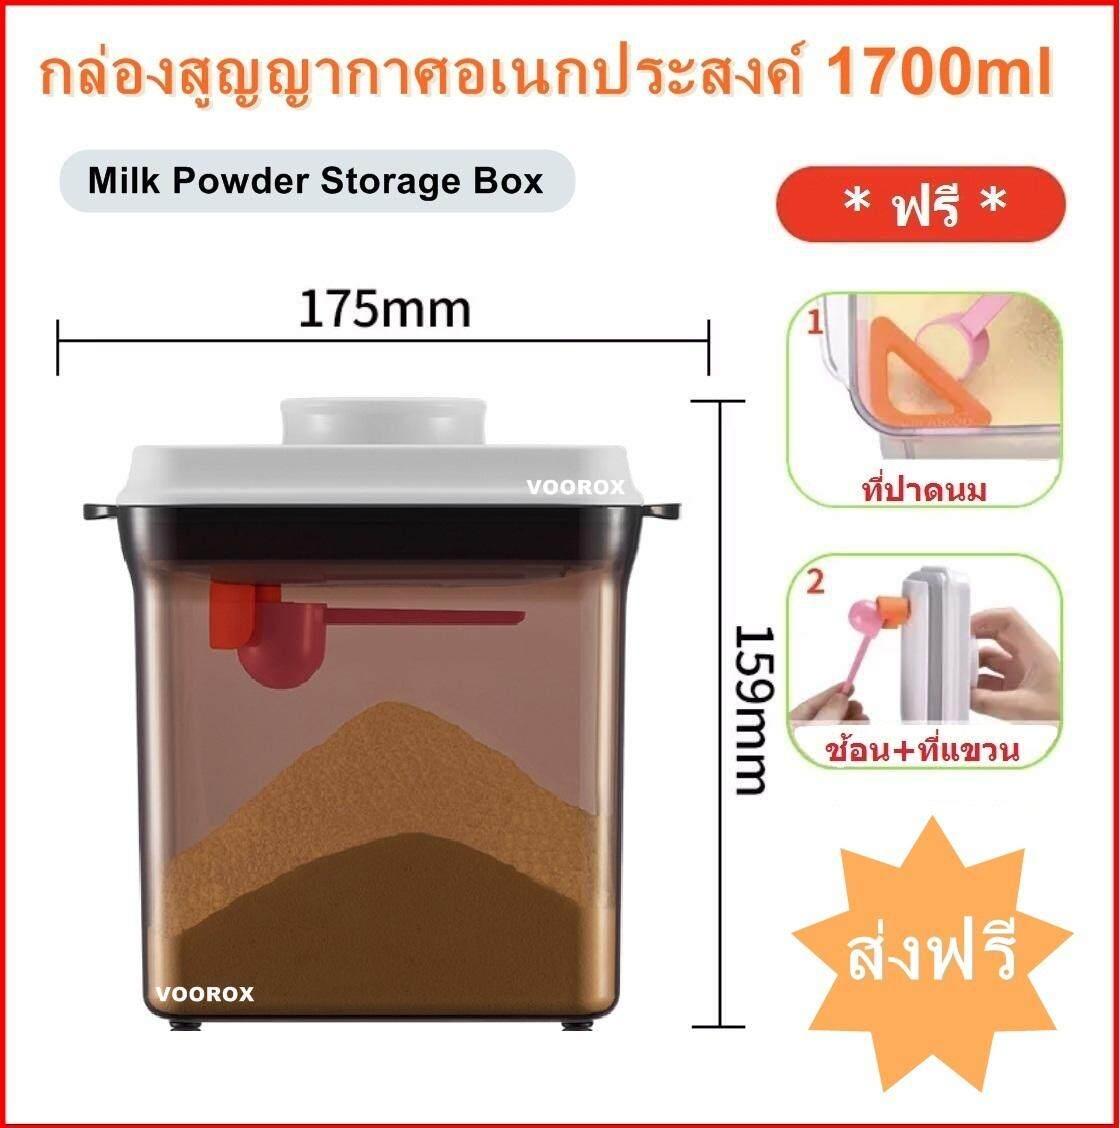 กล่องเก็บนมผง กล่องสูญญากาศ กล่องอเนกประสงค์ เก็บอาหารได้ยาวนาน 1700ml By Voorox.